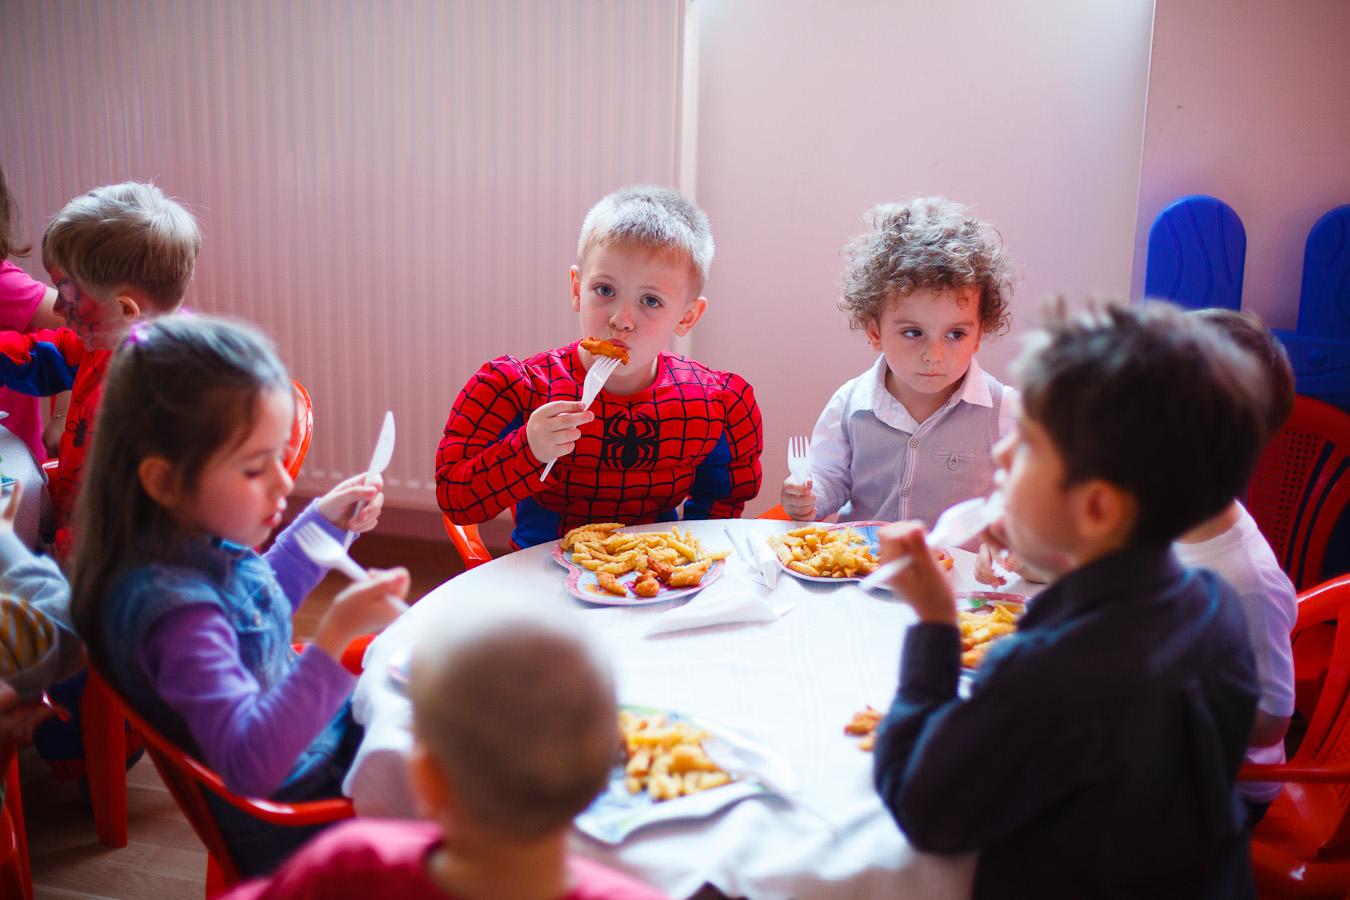 Petrecere copii loc de joaca Bucuresti sector 4